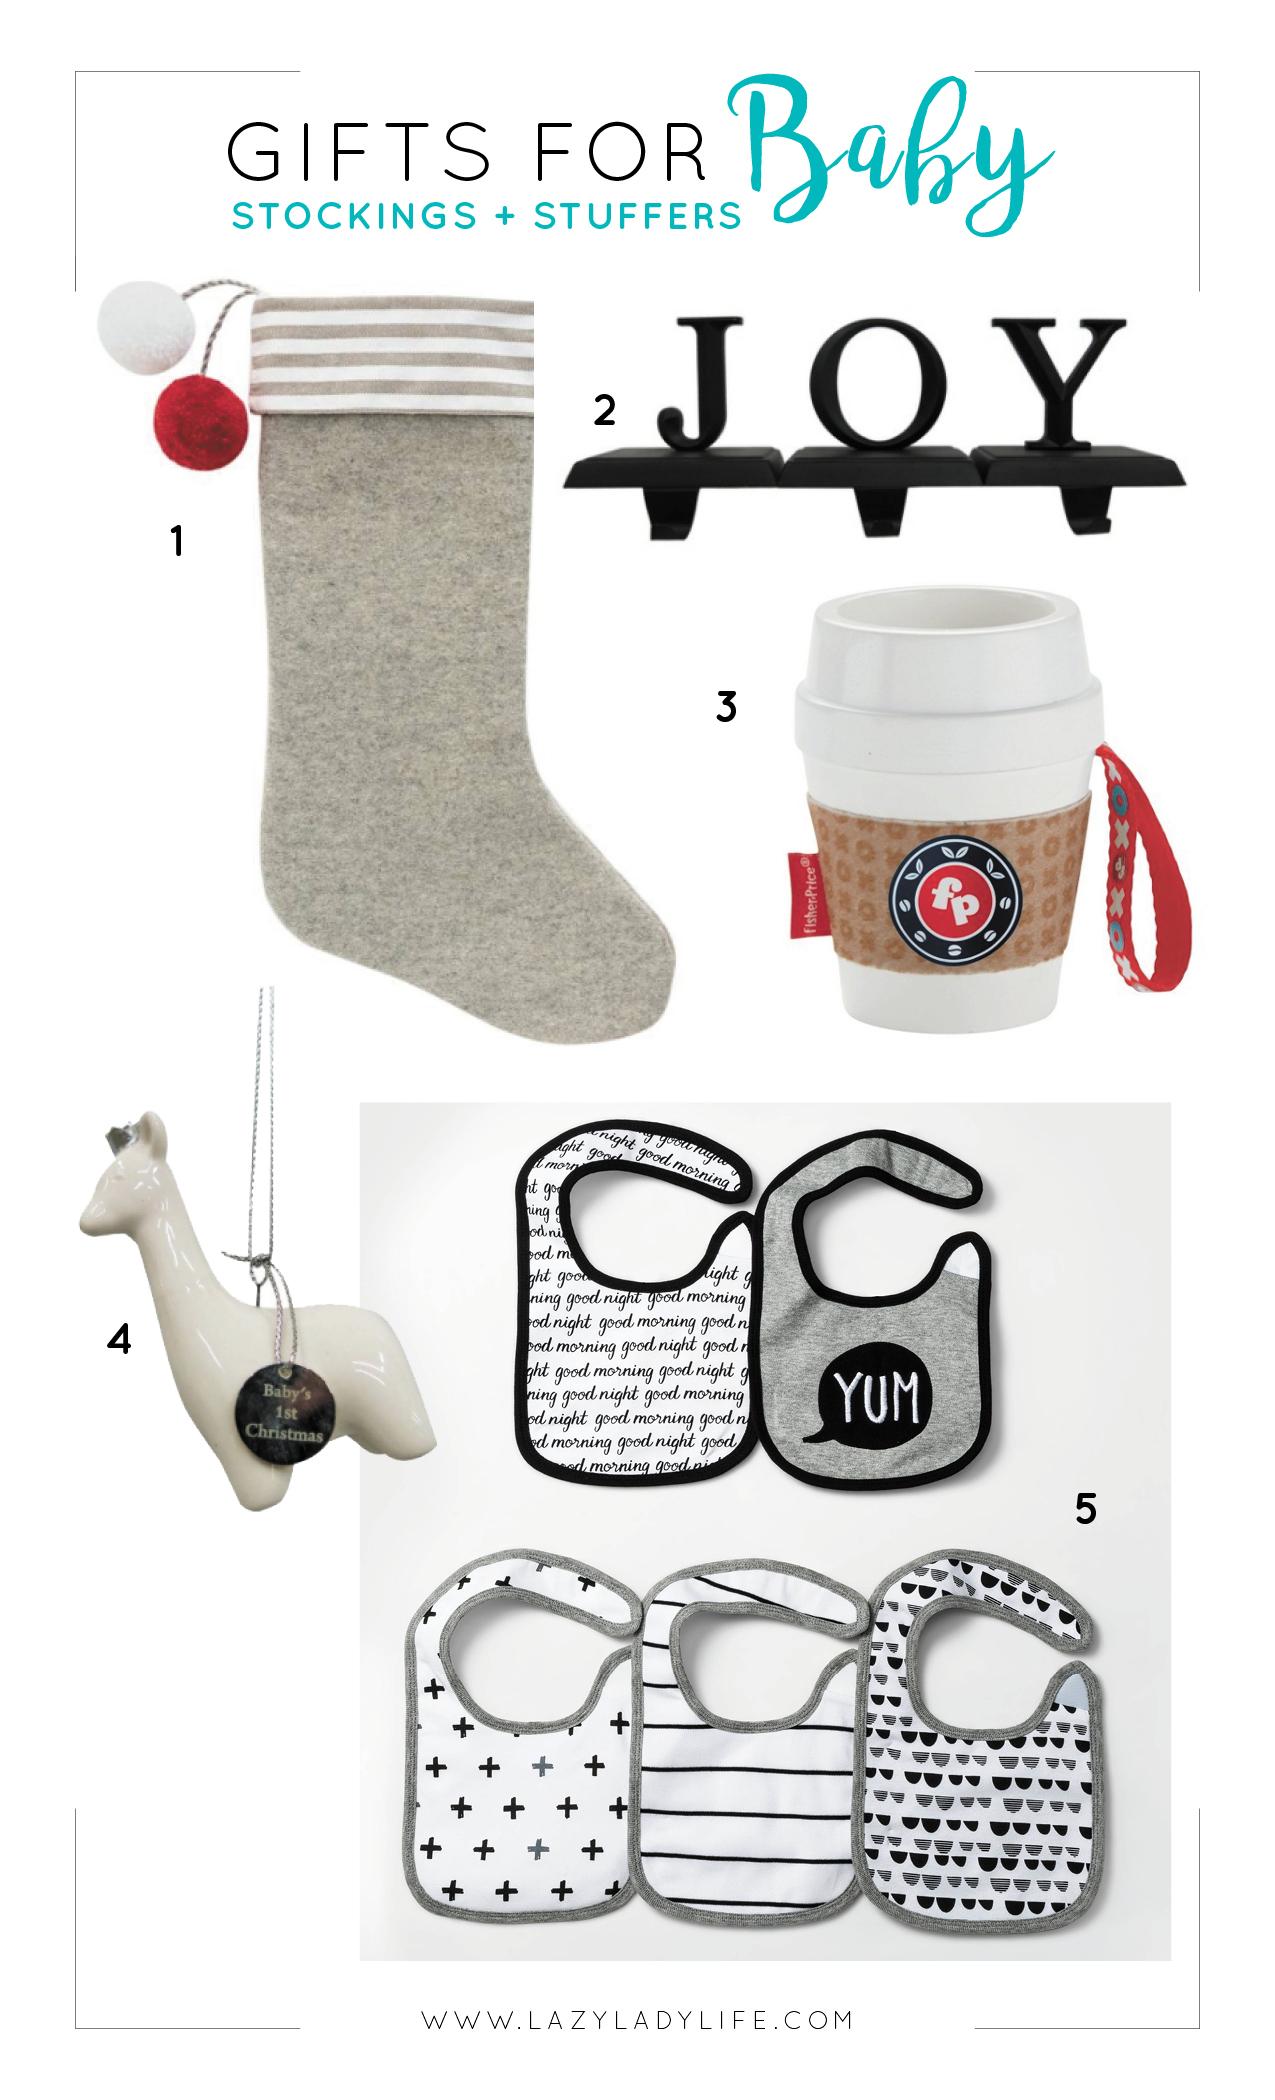 Baby-Gift-Guide-Stocking-Stuffers.jpg